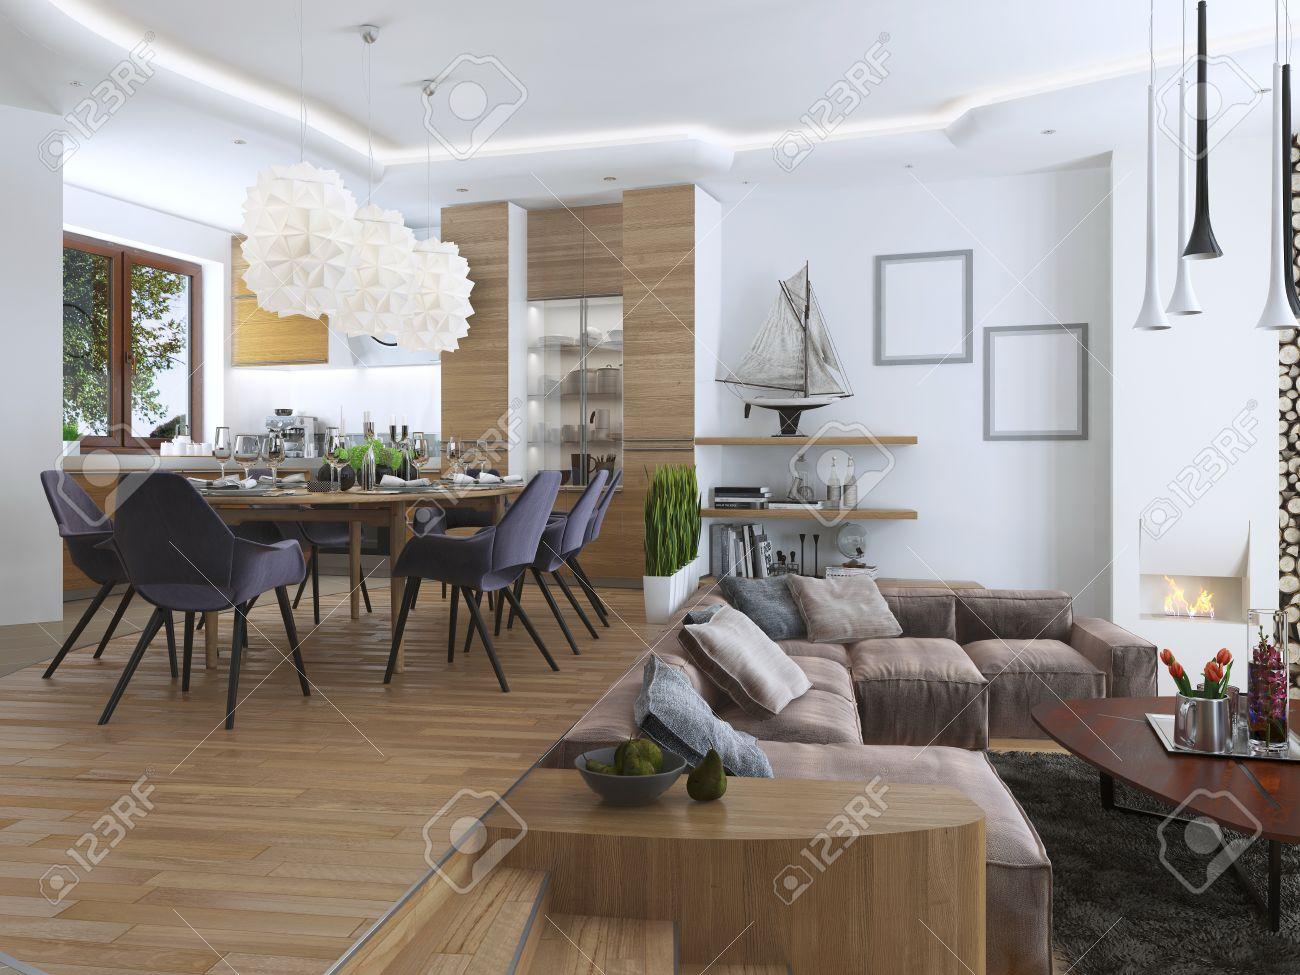 Full Size of Esszimmer Sofa Grau Vintage Samt Couch Ikea Landhausstil Sofabank 3 Sitzer Studio Wohnung Mit Wohnzimmer Und In Einem Stil Bezug Ecksofa Ottomane Verkaufen Sofa Esszimmer Sofa